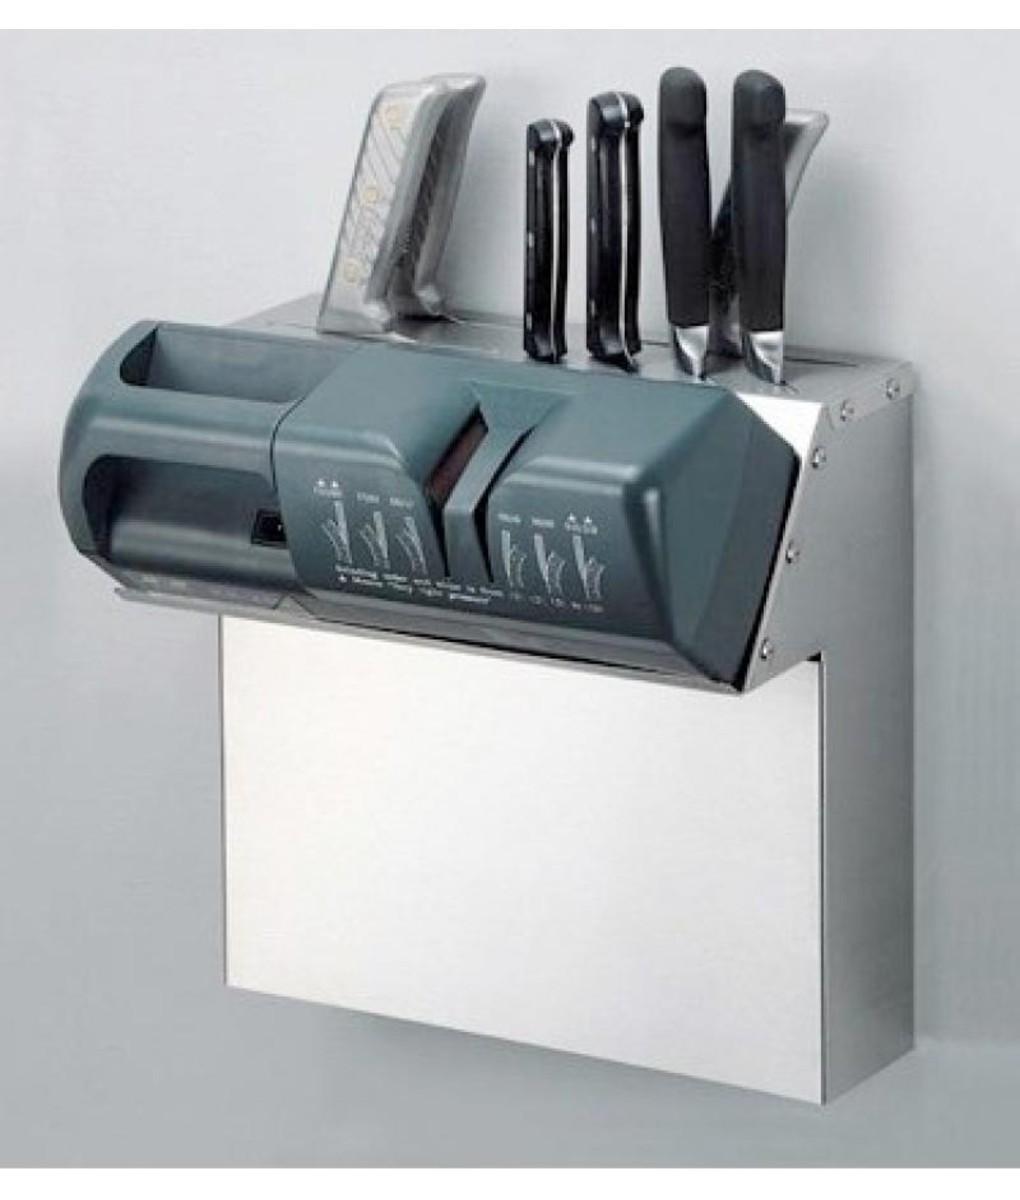 sharpener shelf for nirey sharpeners. Black Bedroom Furniture Sets. Home Design Ideas